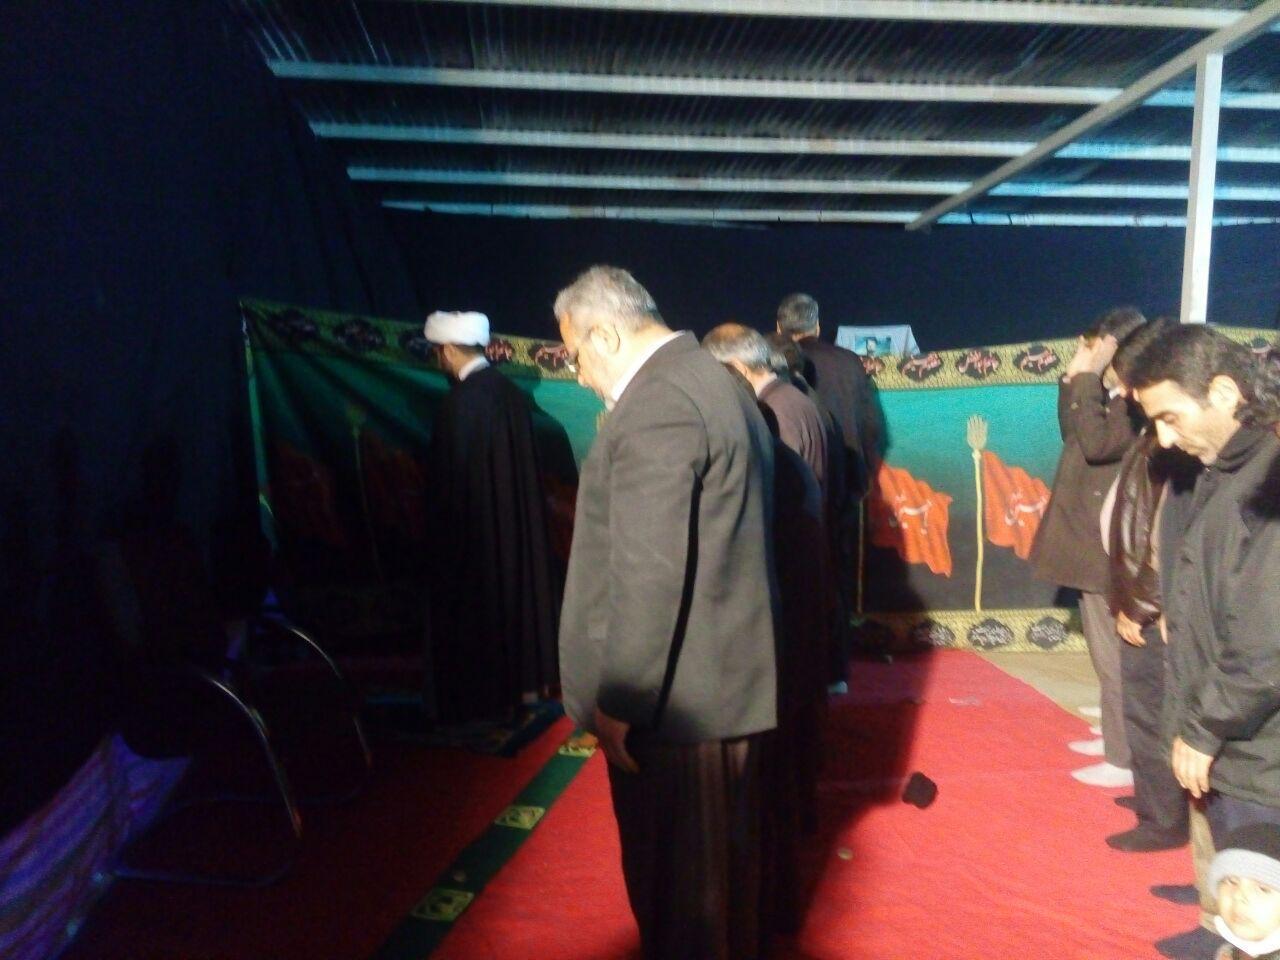 اقامه نماز زیر خیمه در کنار قبور شهدای گمنام توسط امام جمعه محترم شهر قهدریجان در شب جمعه